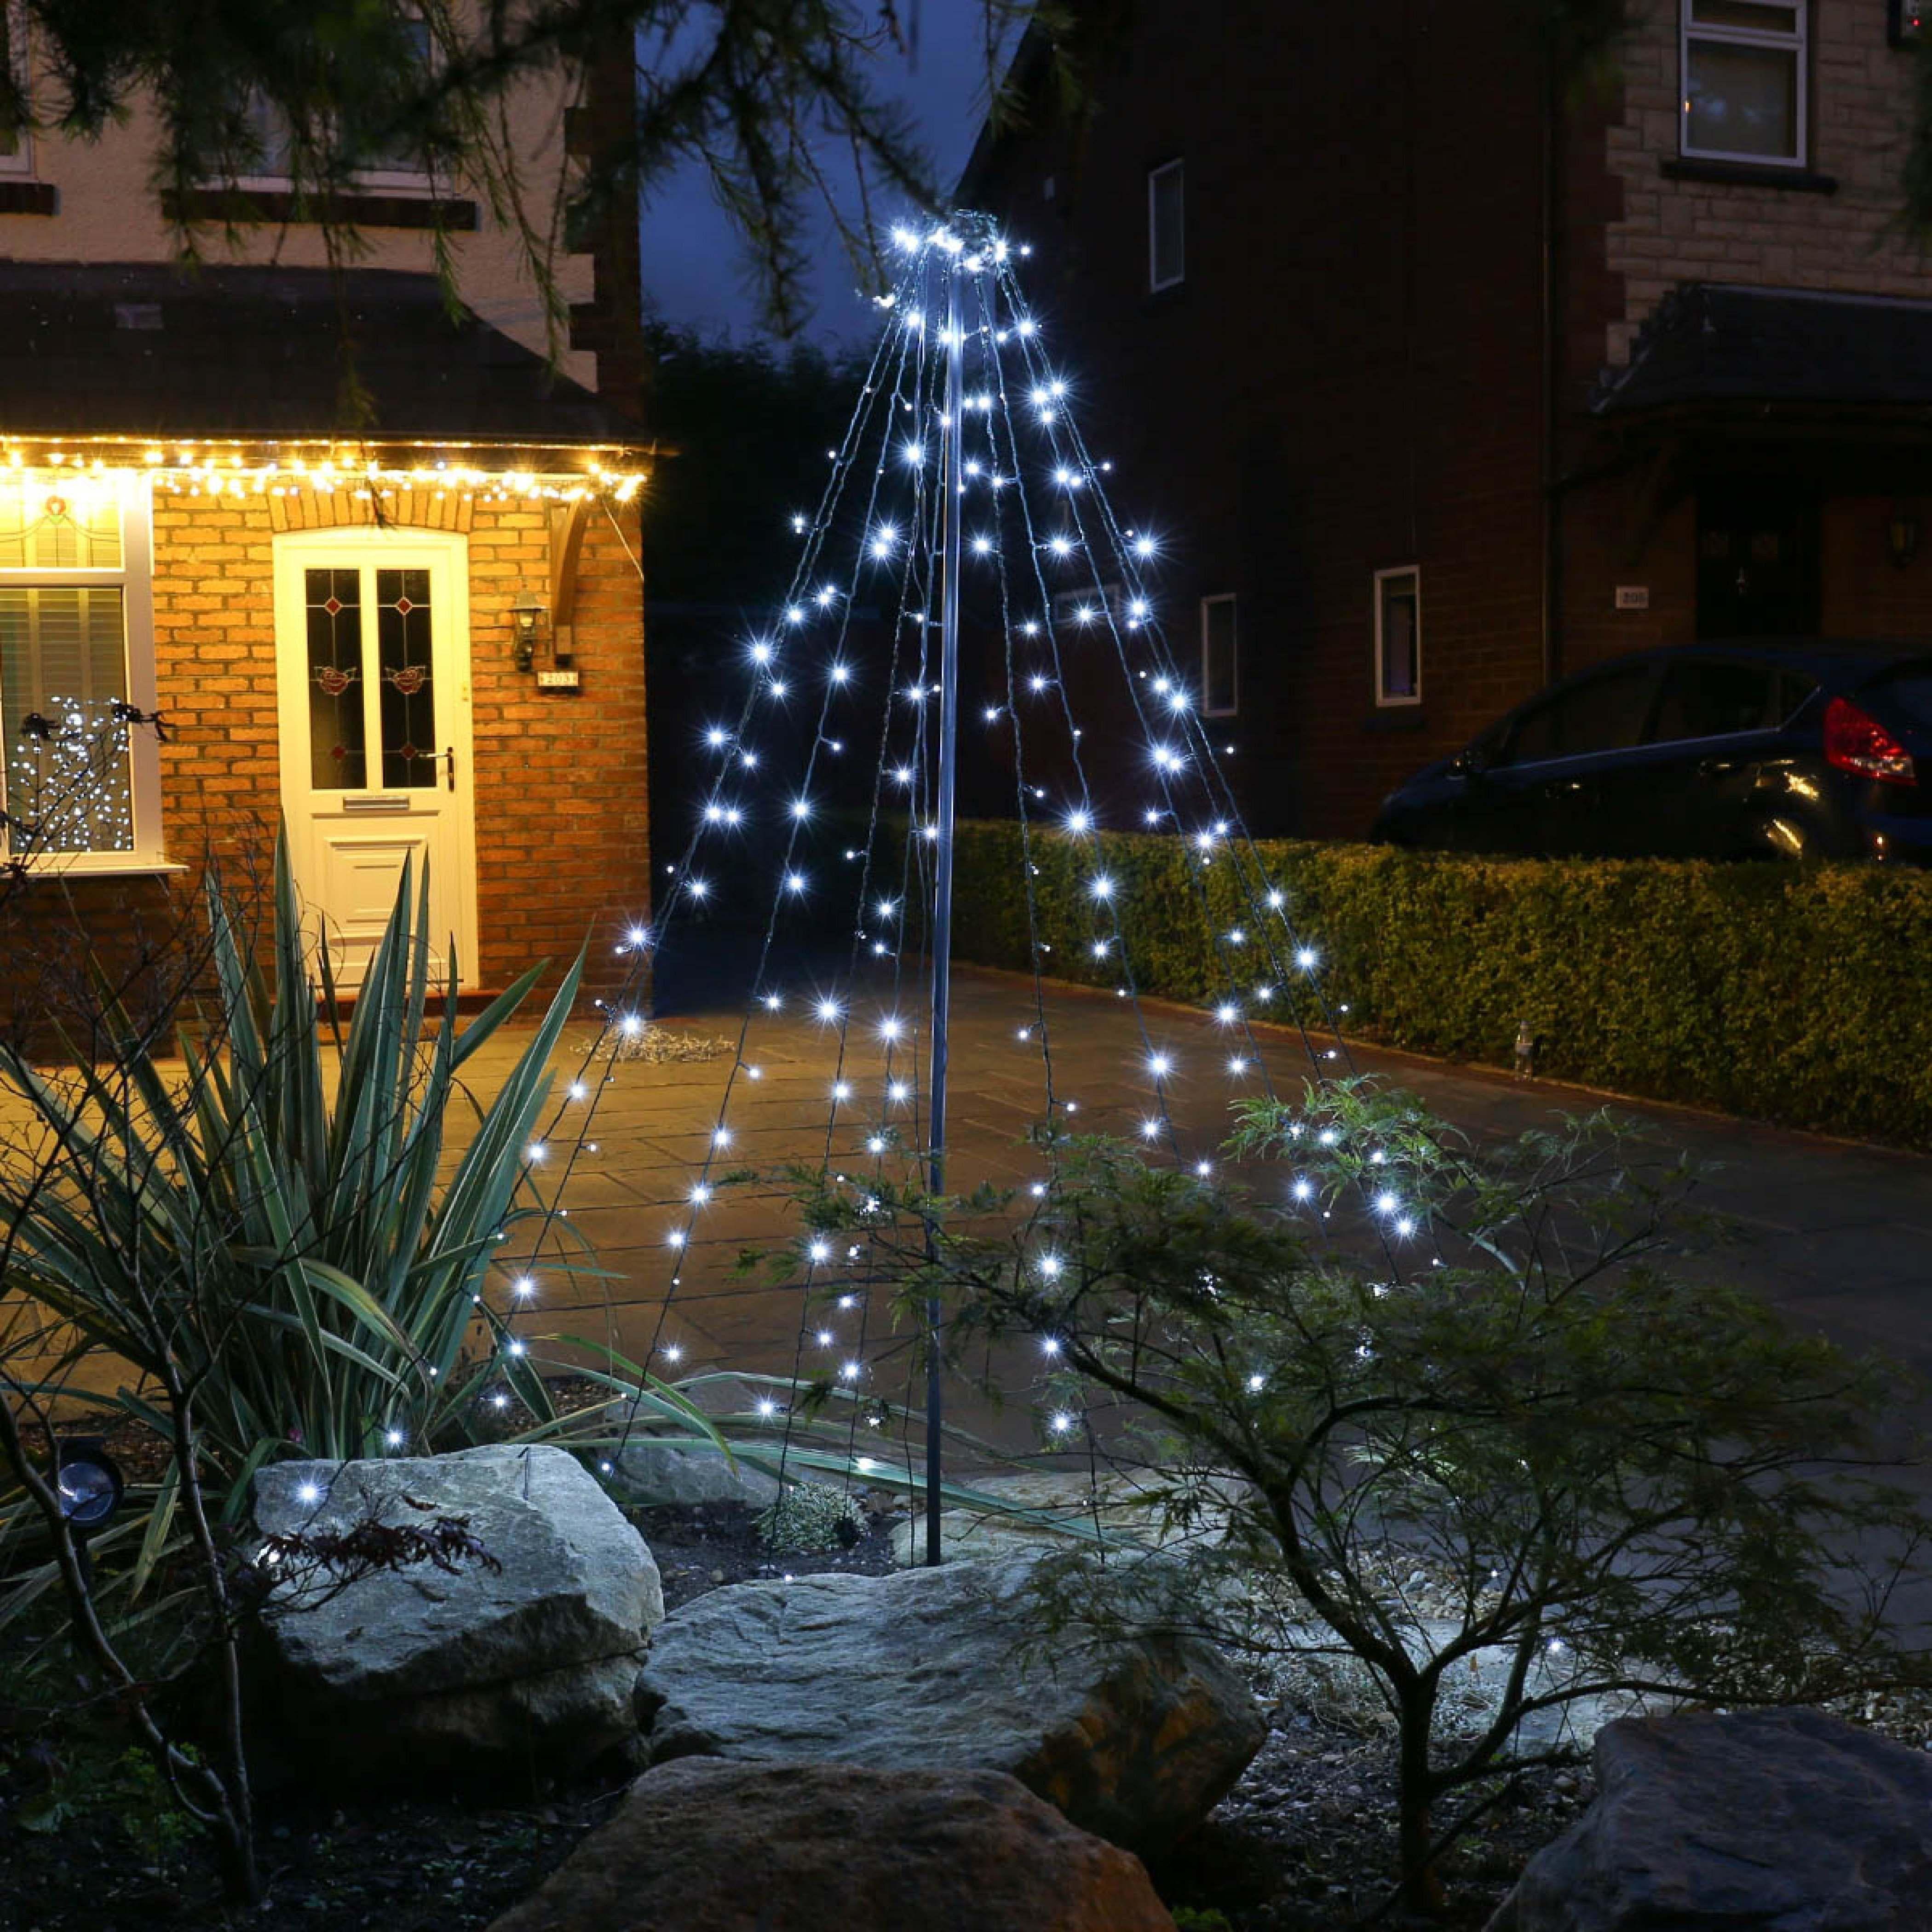 Günstige Weihnachtsbeleuchtung Aussen.Led Weihnachtsbeleuchtung Walmart Outdoor Weihnachten Kleine